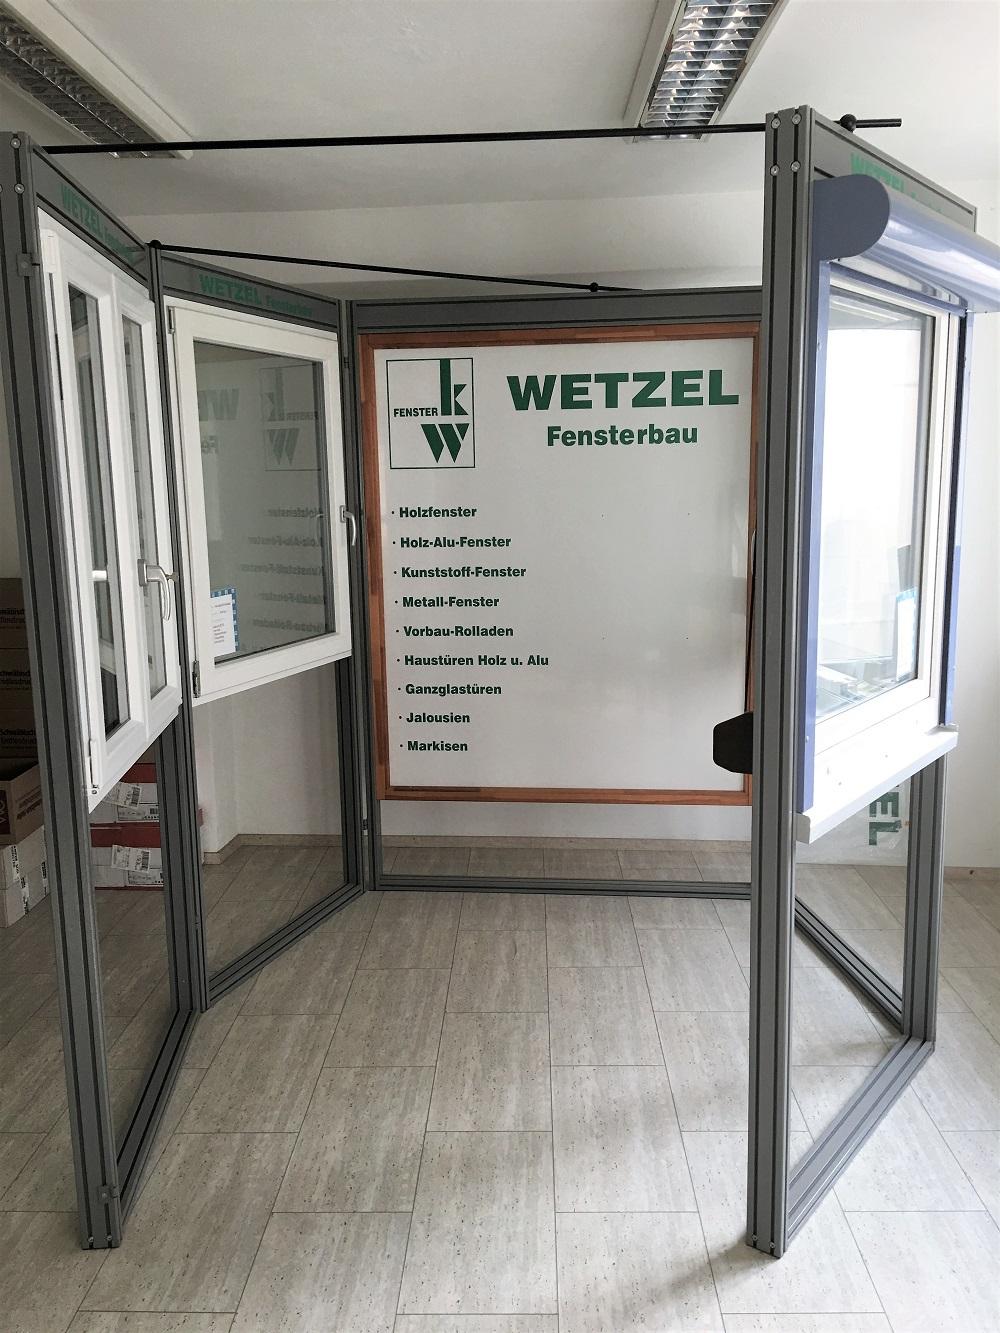 Fotos de Wetzel Fensterbau GmbH